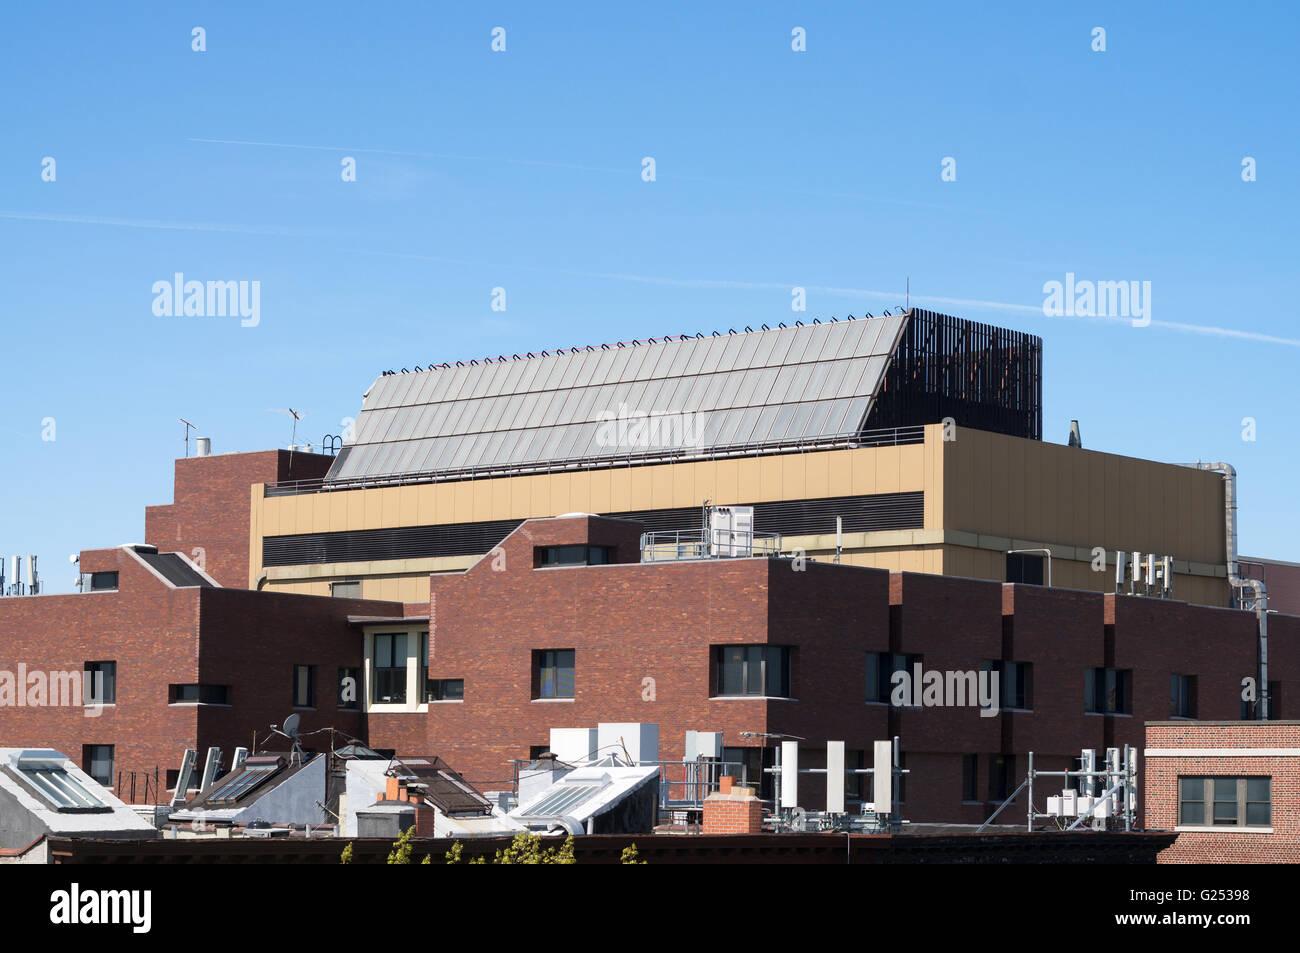 Una matriz de paneles solares térmicos sobre New York Methodist Hospital, Brooklyn, Nueva York, EE.UU. Imagen De Stock